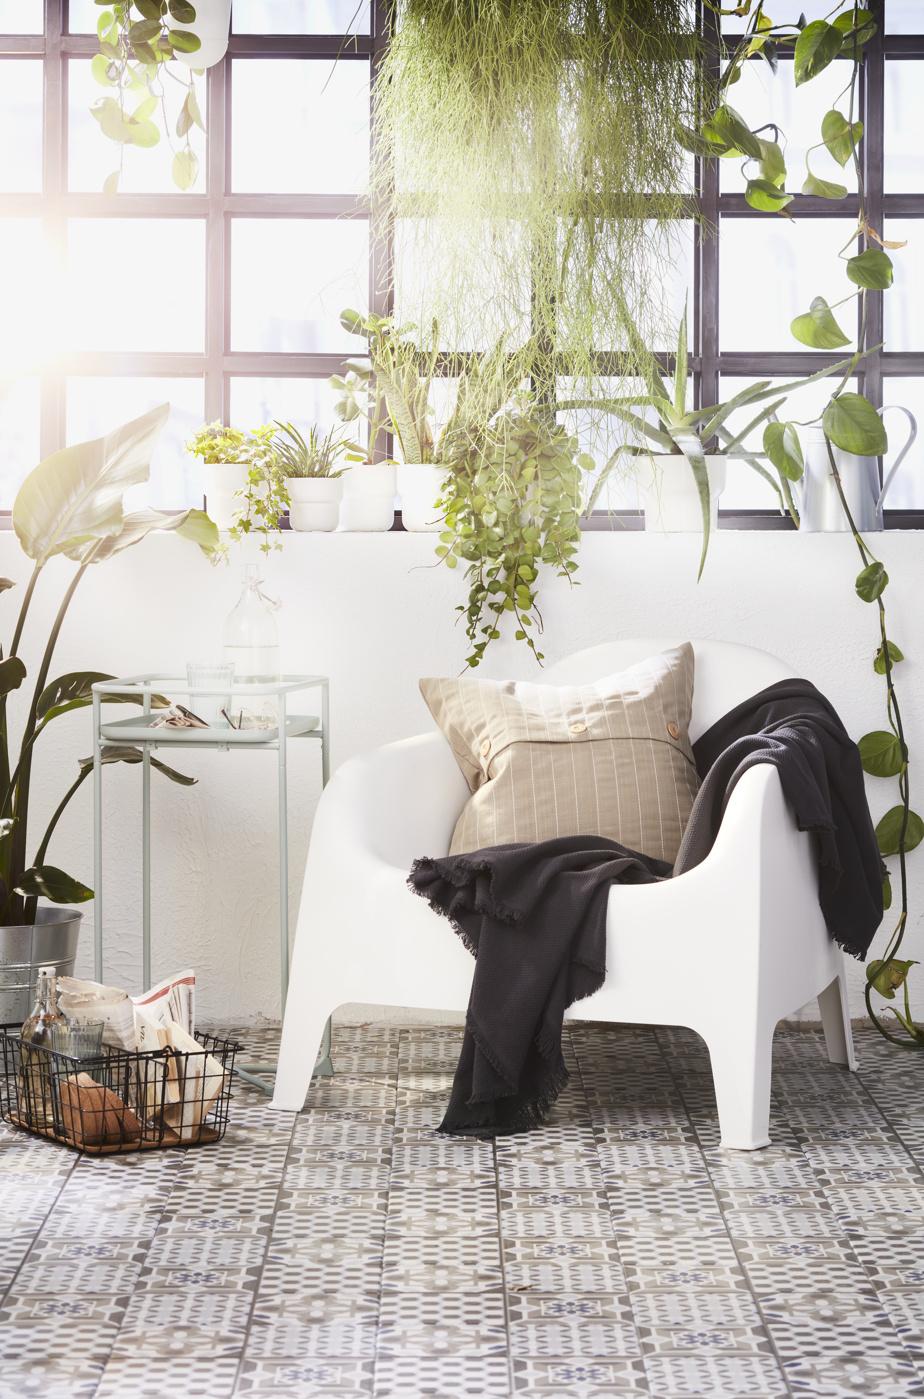 En désirant maximiser l'espace à leur disposition, plusieurs chercheront à créer des coins où il sera agréable de travailler ou de se retrouver seul pour lire, prédit Heena Saini, spécialiste des relations publiques sur le plan commercial chez IKEA Canada. «L'espace extérieur sera aménagé afin d'être polyvalent et de répondre à divers besoins, dit-elle. Ça deviendra entre autres un sanctuaire, un espace pour méditer et relaxer.»